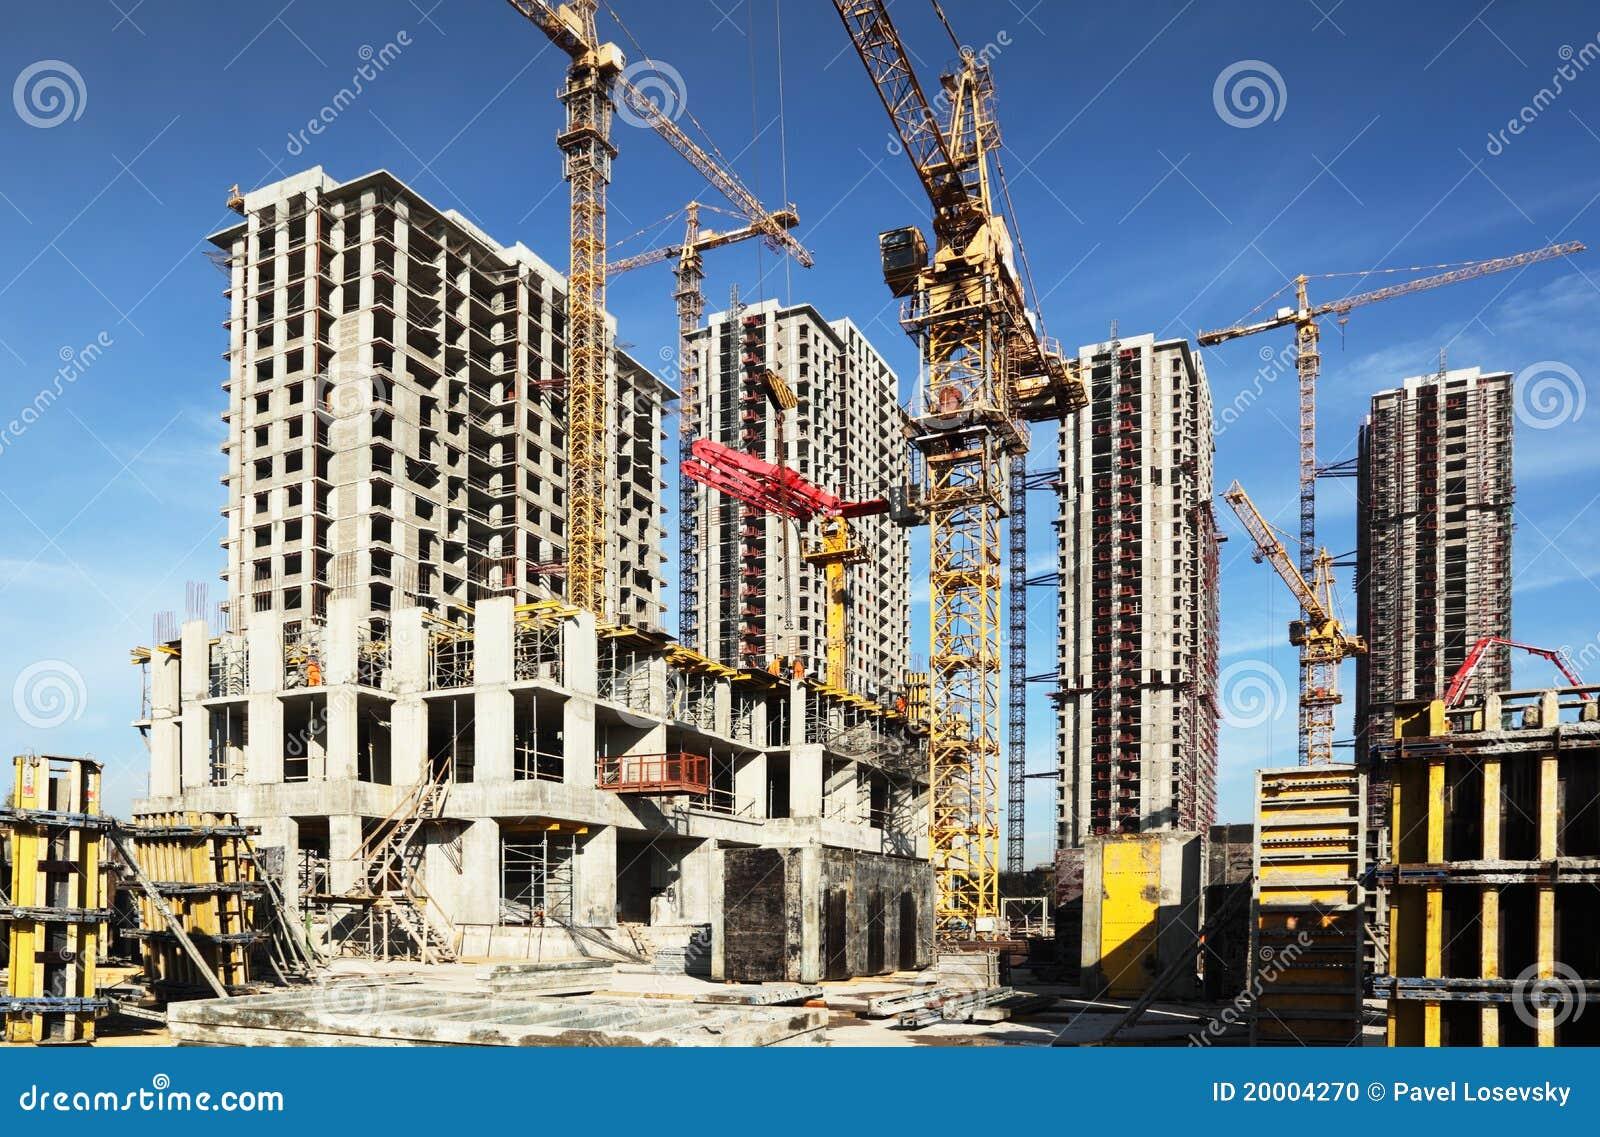 Muchos edificios altos bajo la construcci n y gr as foto for Videos de construccion de edificios